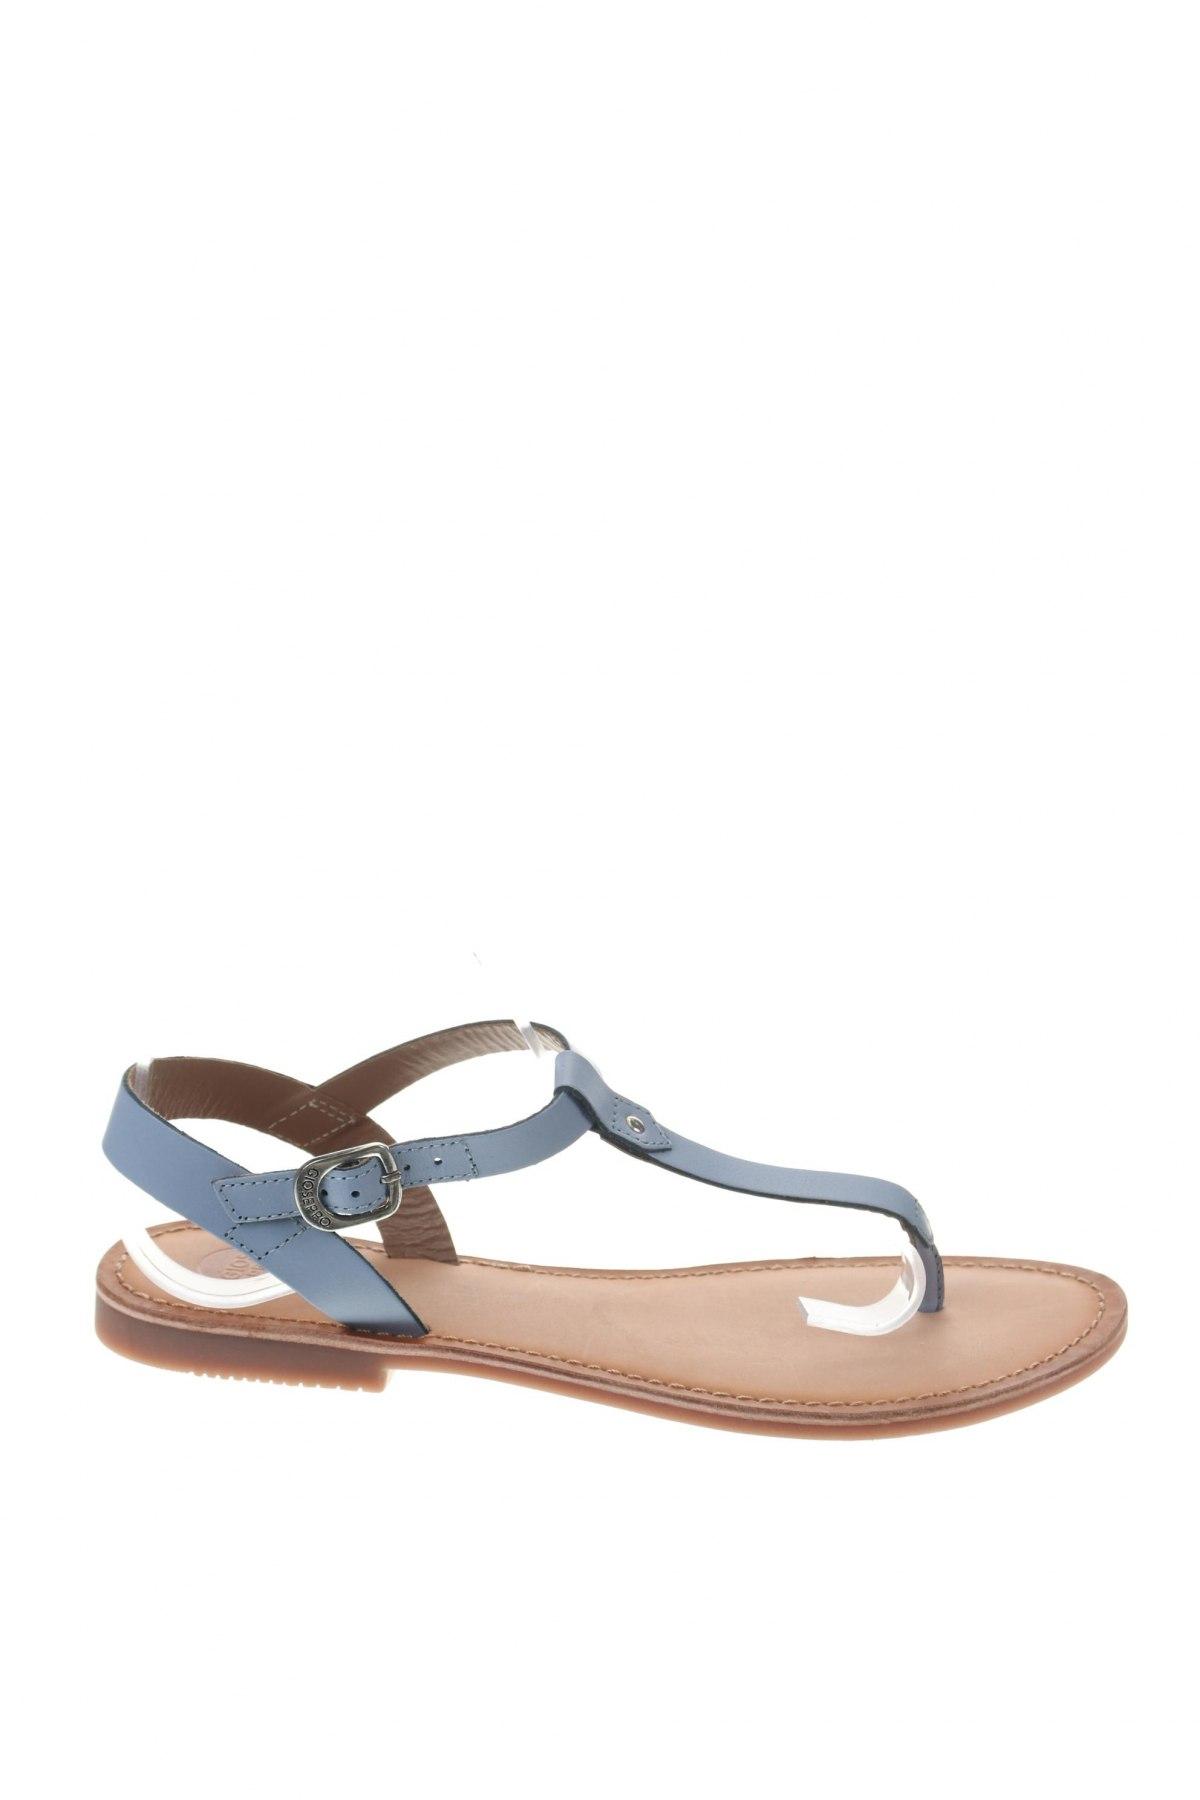 Σανδάλια Gioseppo, Μέγεθος 39, Χρώμα Μπλέ, Γνήσιο δέρμα, Τιμή 22,95€